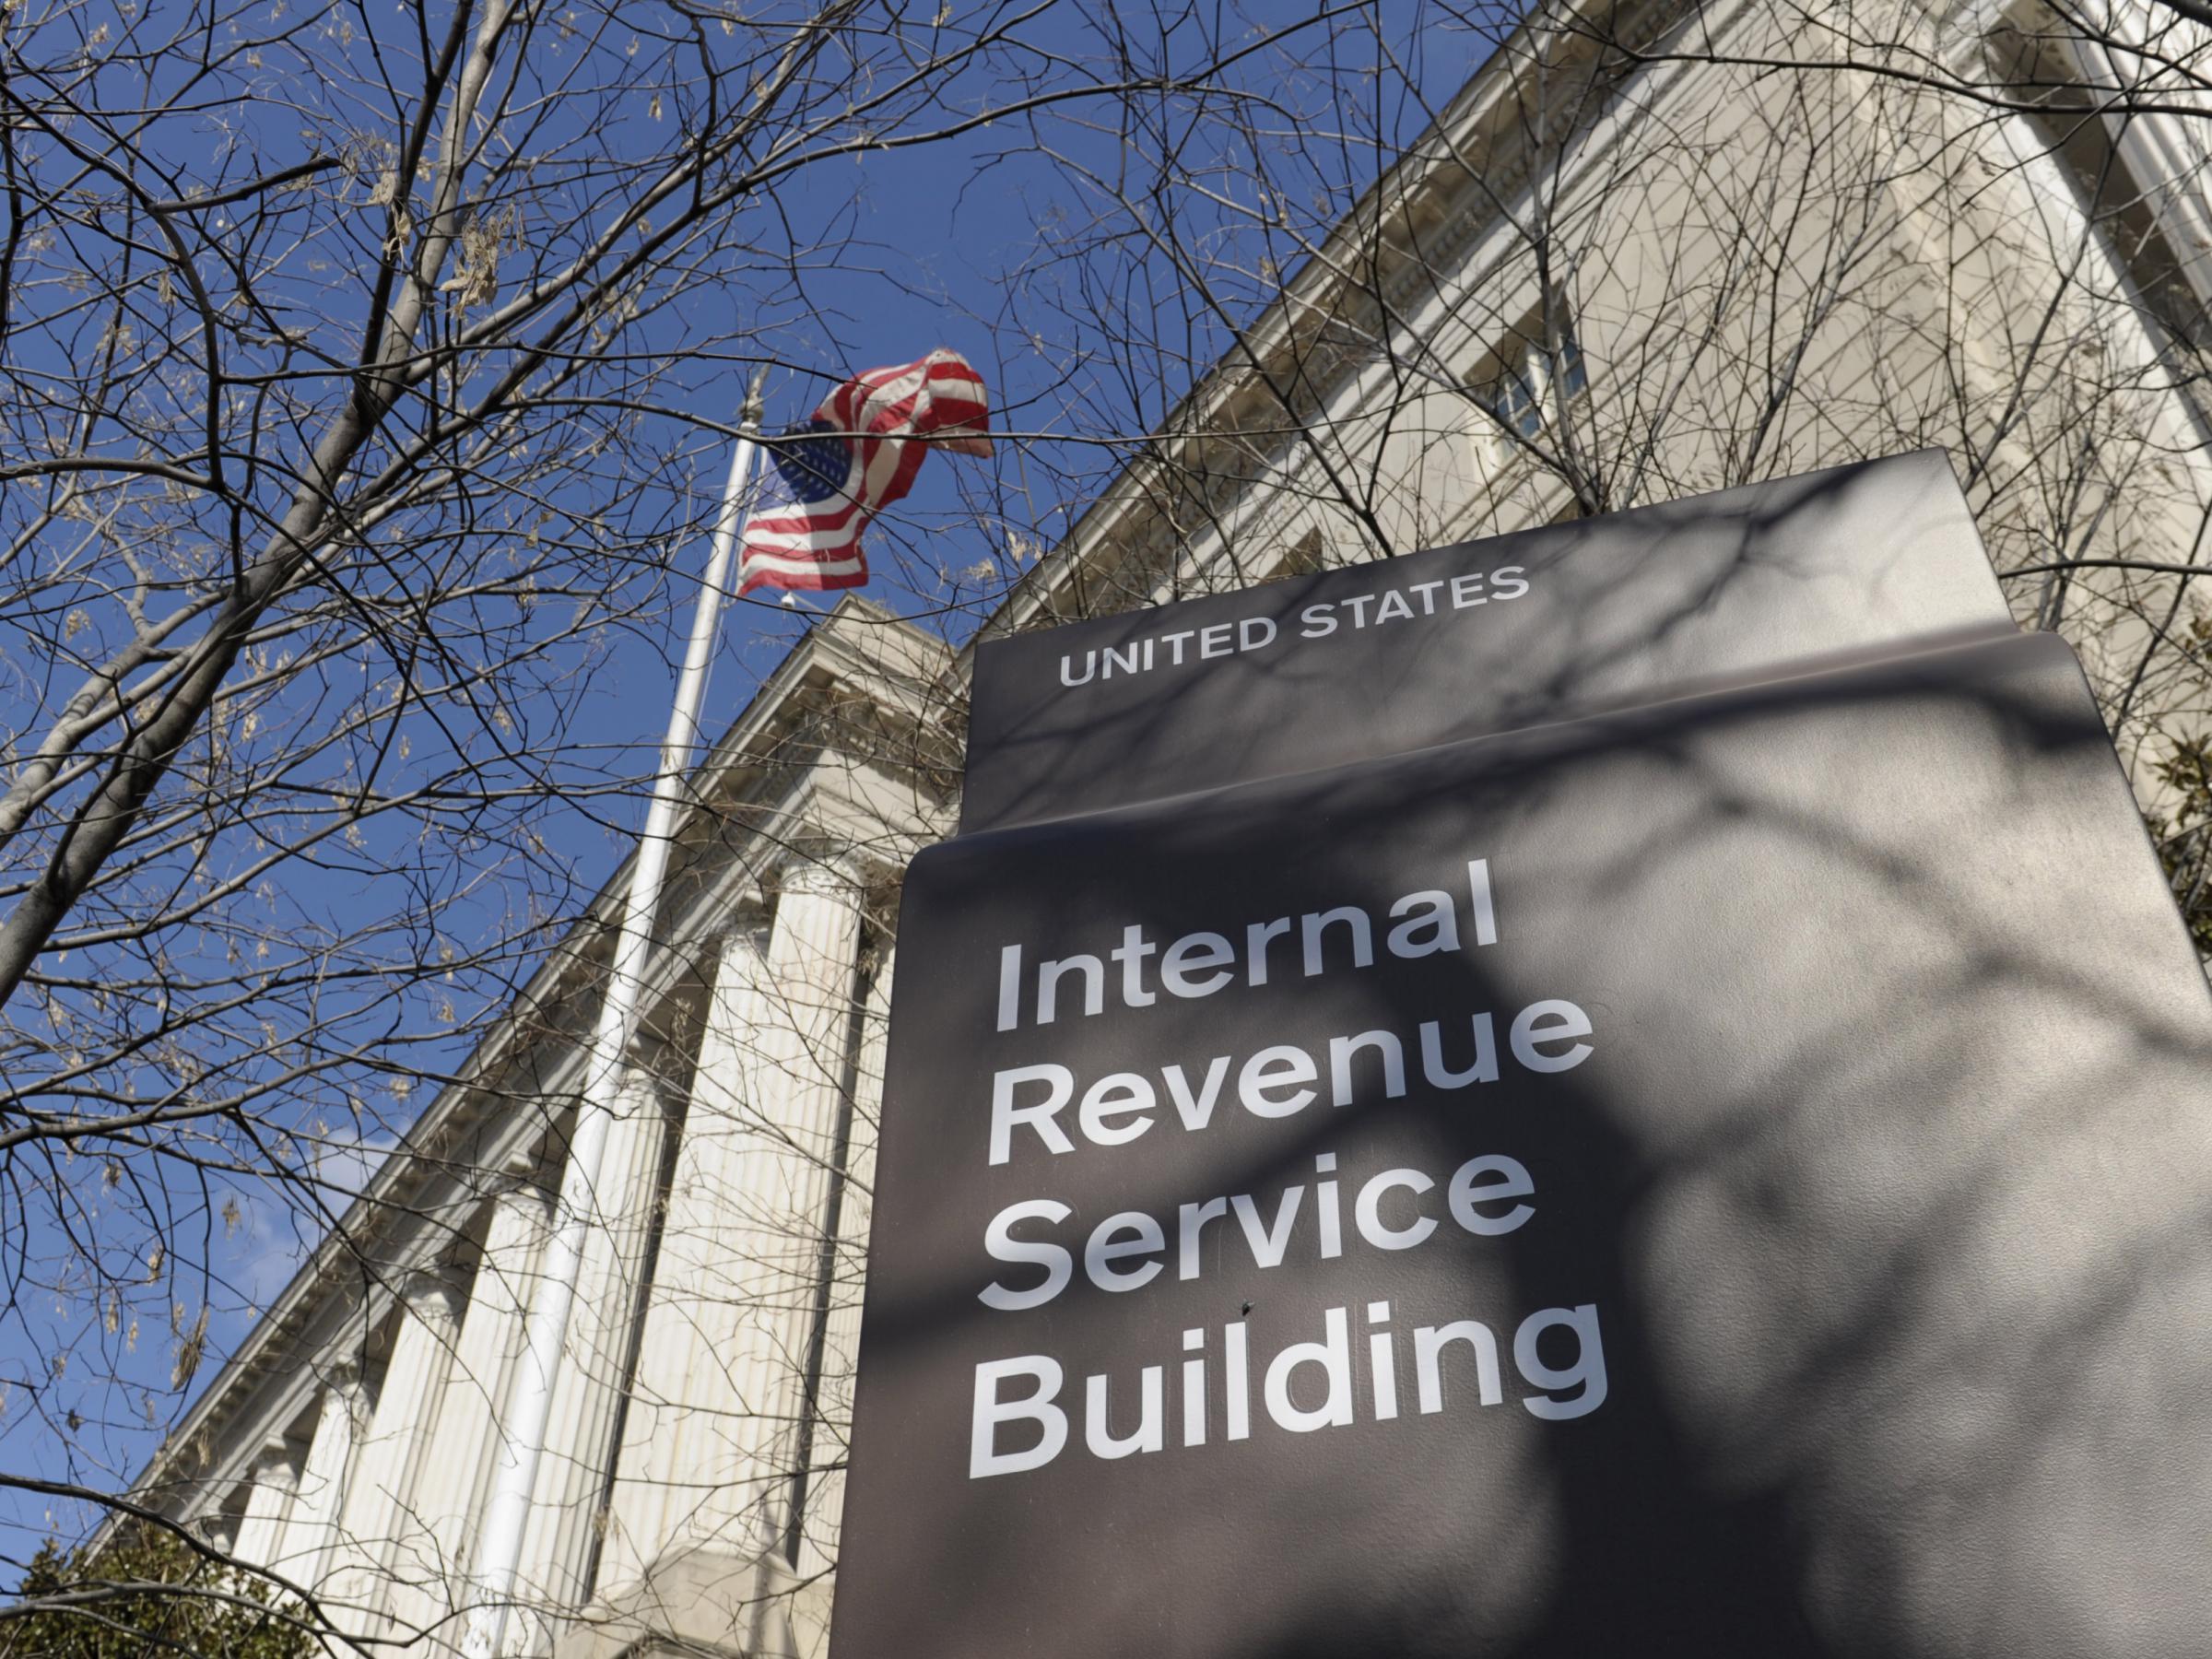 Dân Mỹ tức giận và hoang mang khi thấy tiền hoàn thuế sụt giảm